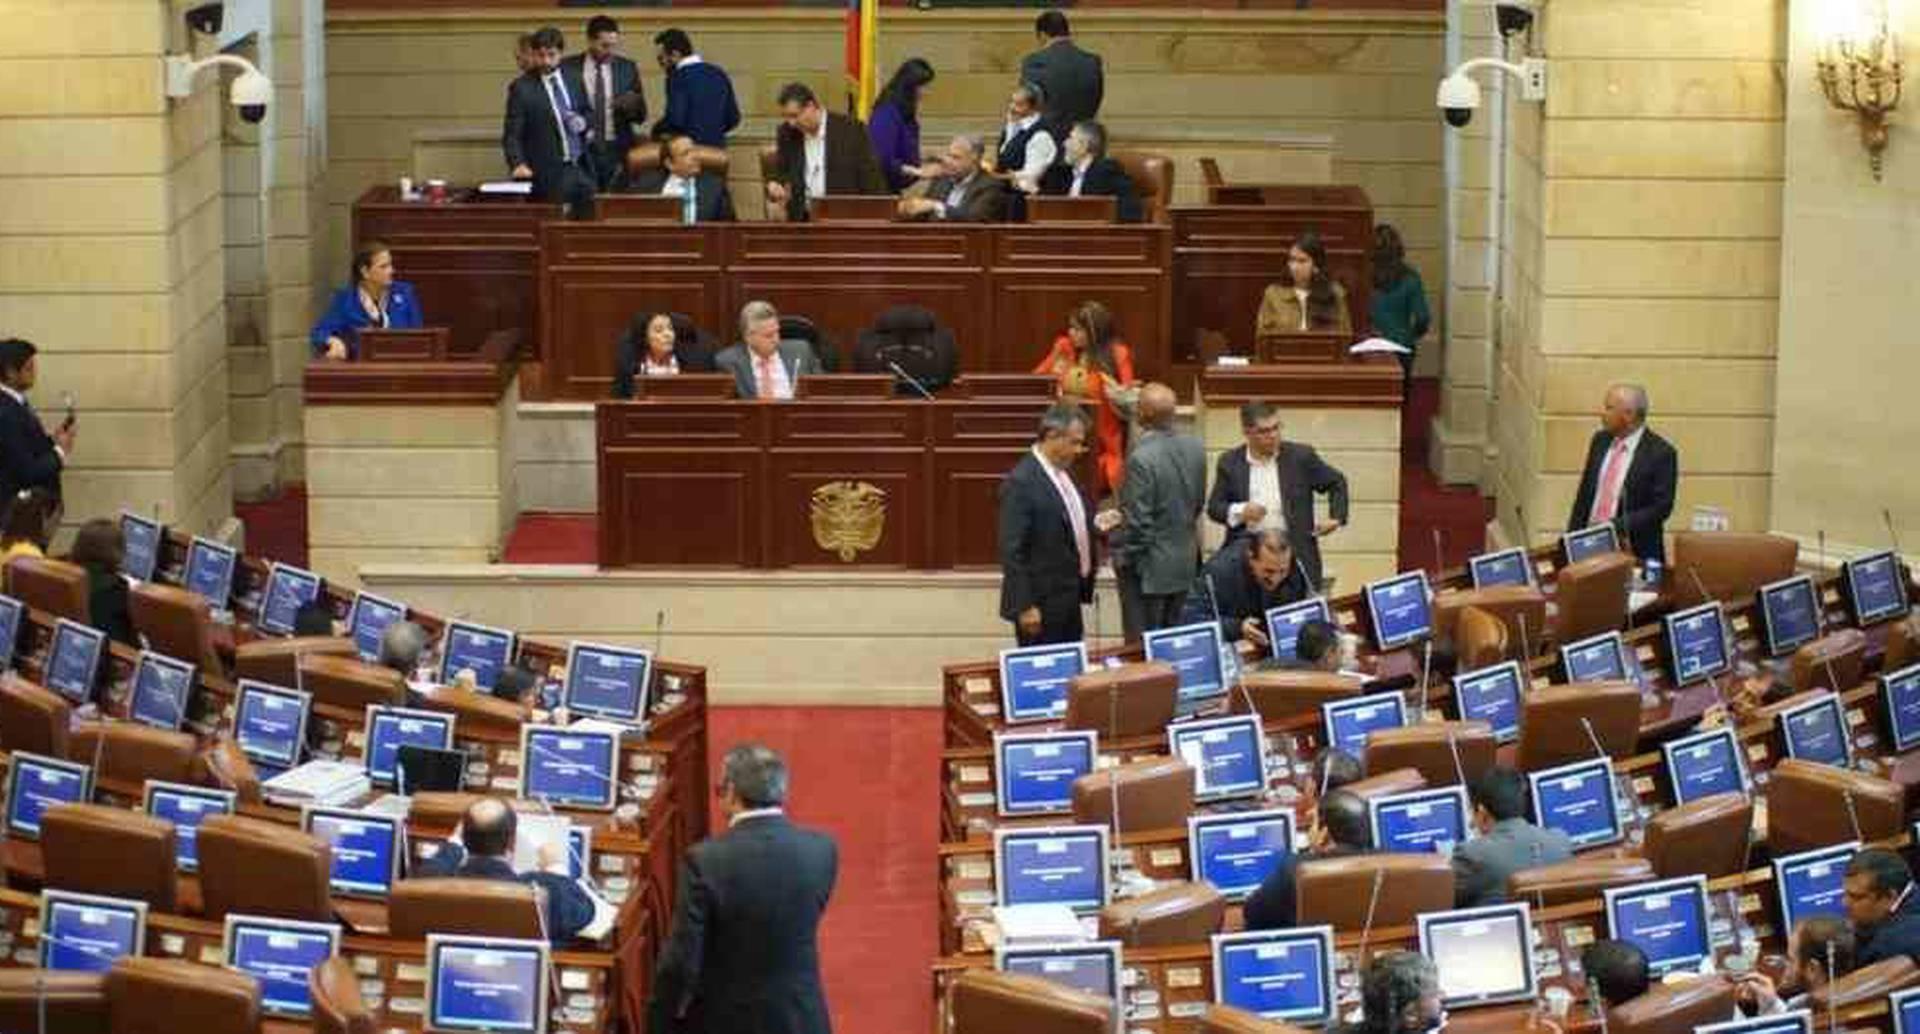 En caso de que efectivamente el senador García decida revocar este acto administrativo de forma directa, le restaría enviar el acto legislativo de las curules de paz para que el presidente Iván Duque promulgue la ley.